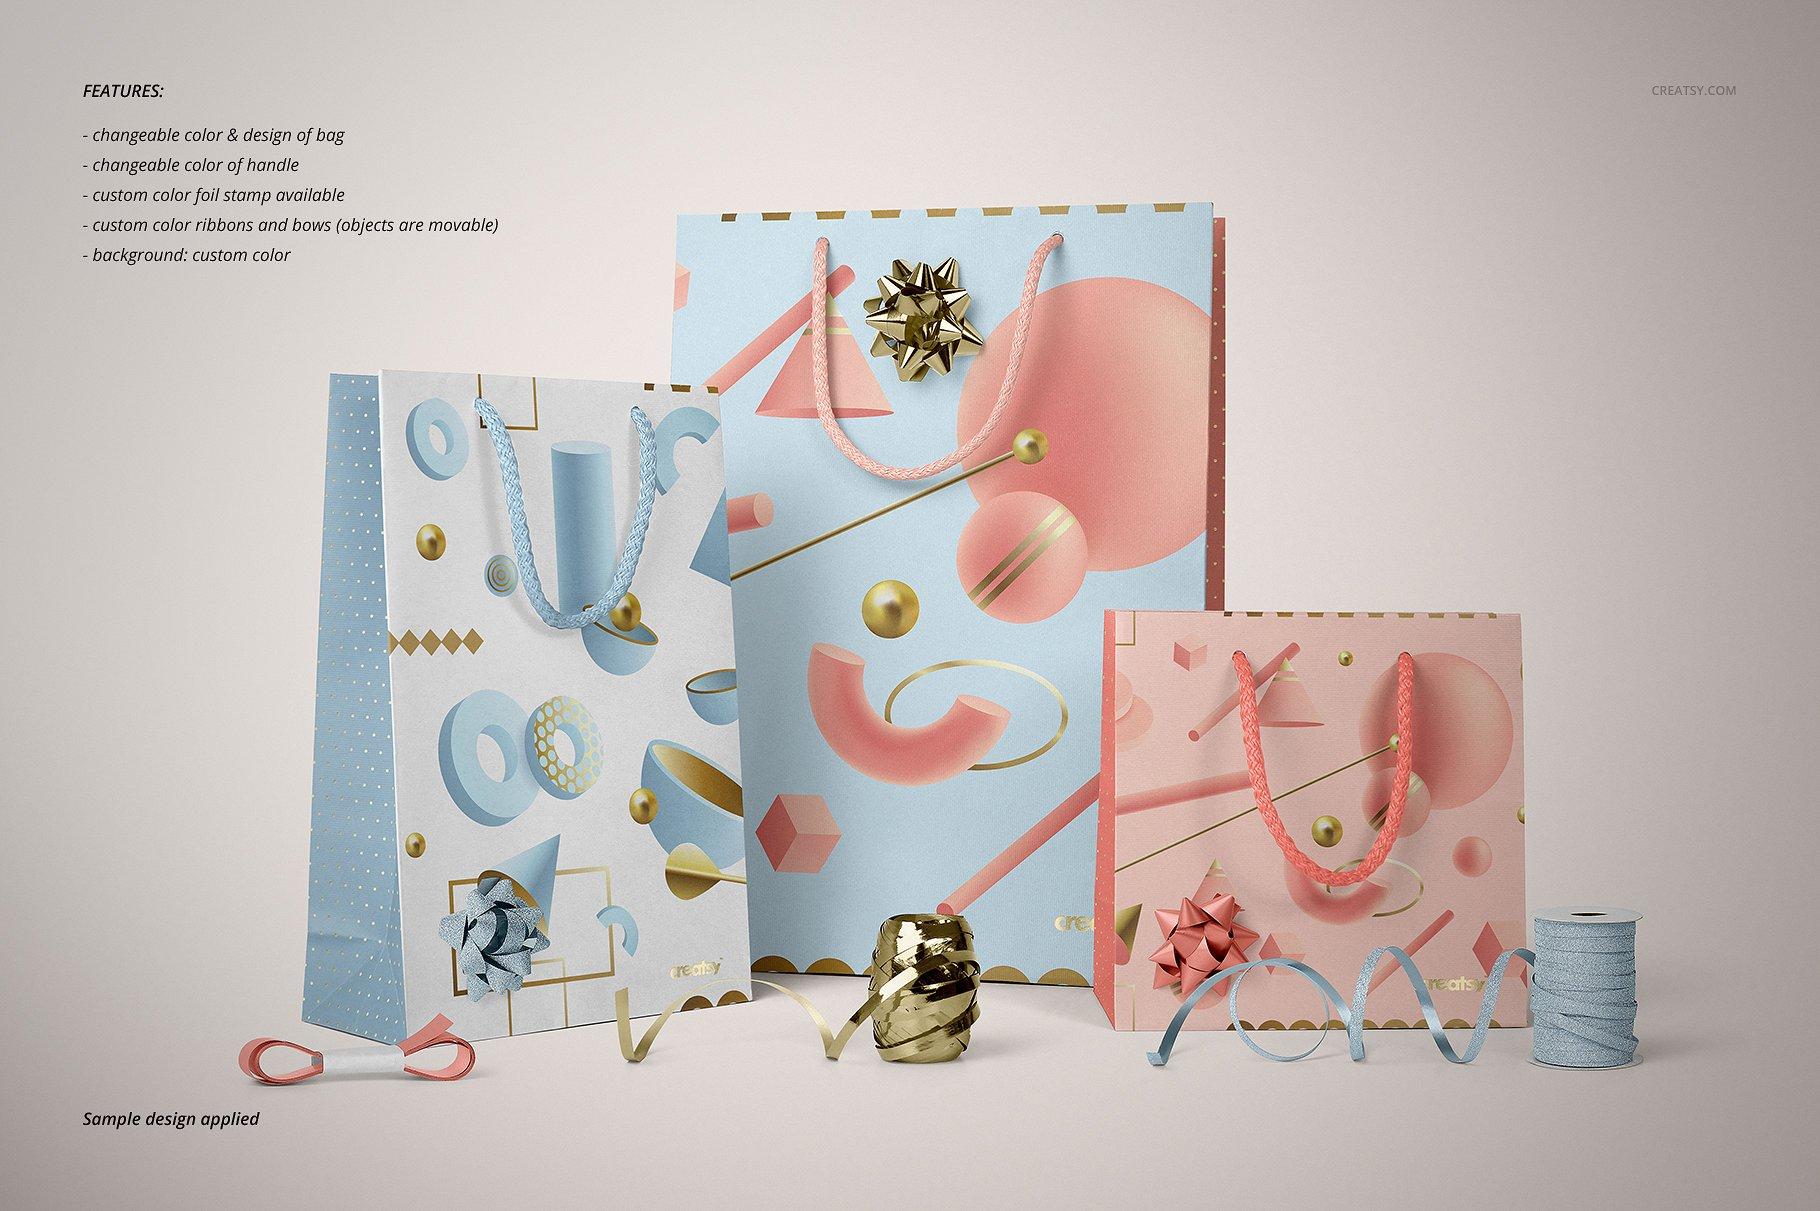 手提袋样机PSD智能贴图模板 Paper Bags Mockup (gifting edition)插图(17)